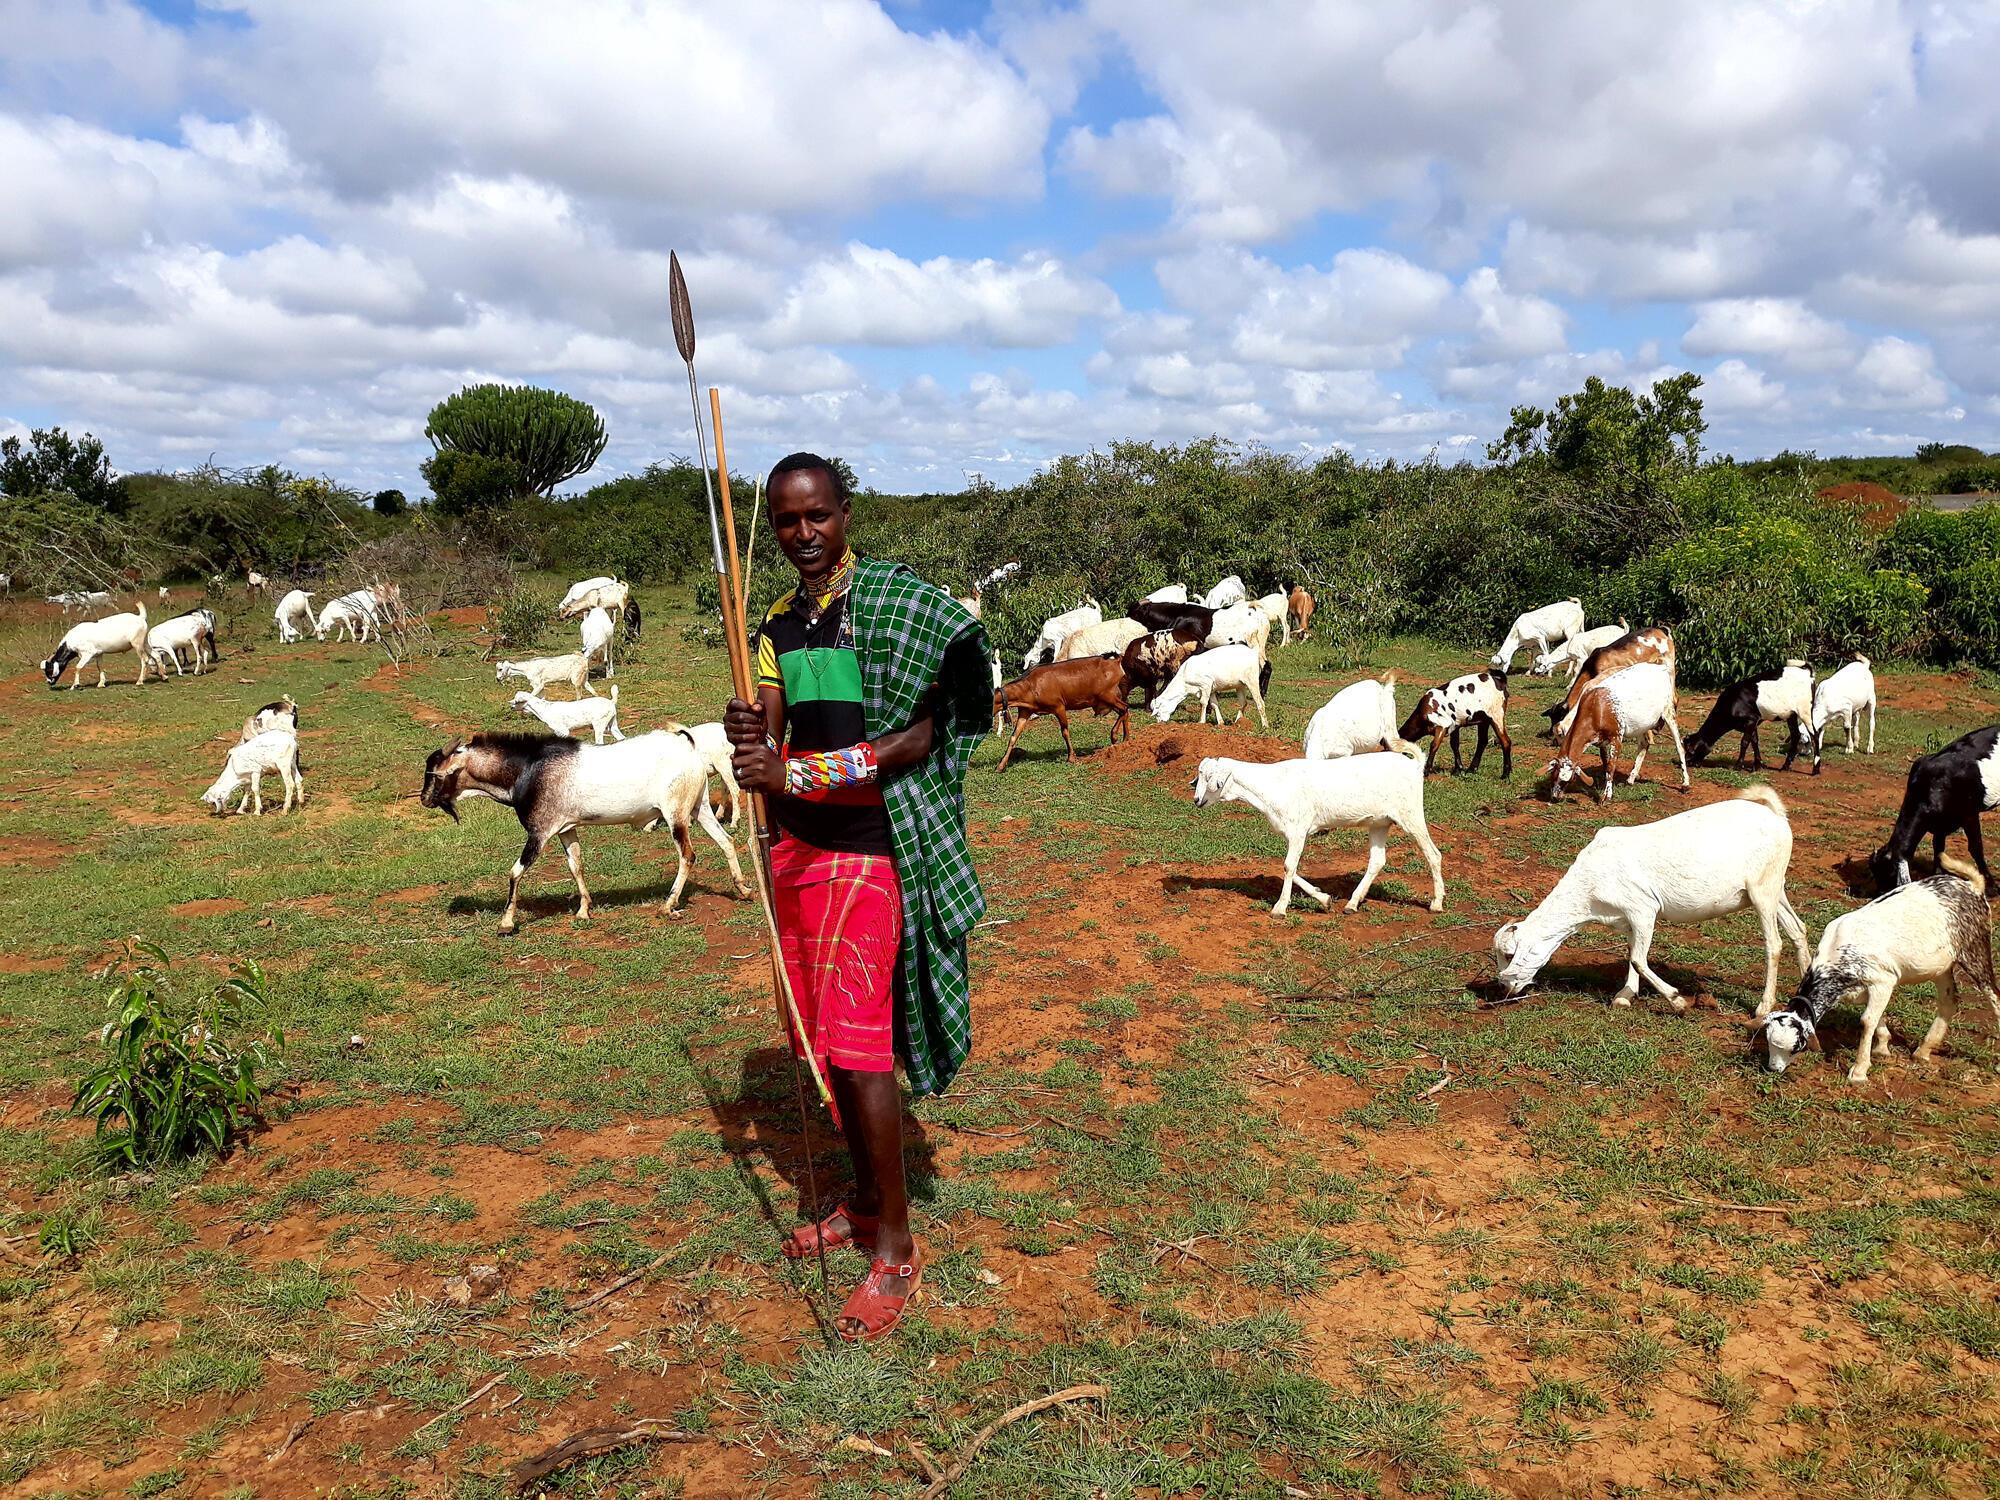 Un homme de la communauté des Samburu fait paître son bétail dans le comté de Laïpika où des zones de conservation privées ont subi des incursions non autorisées de bergers.